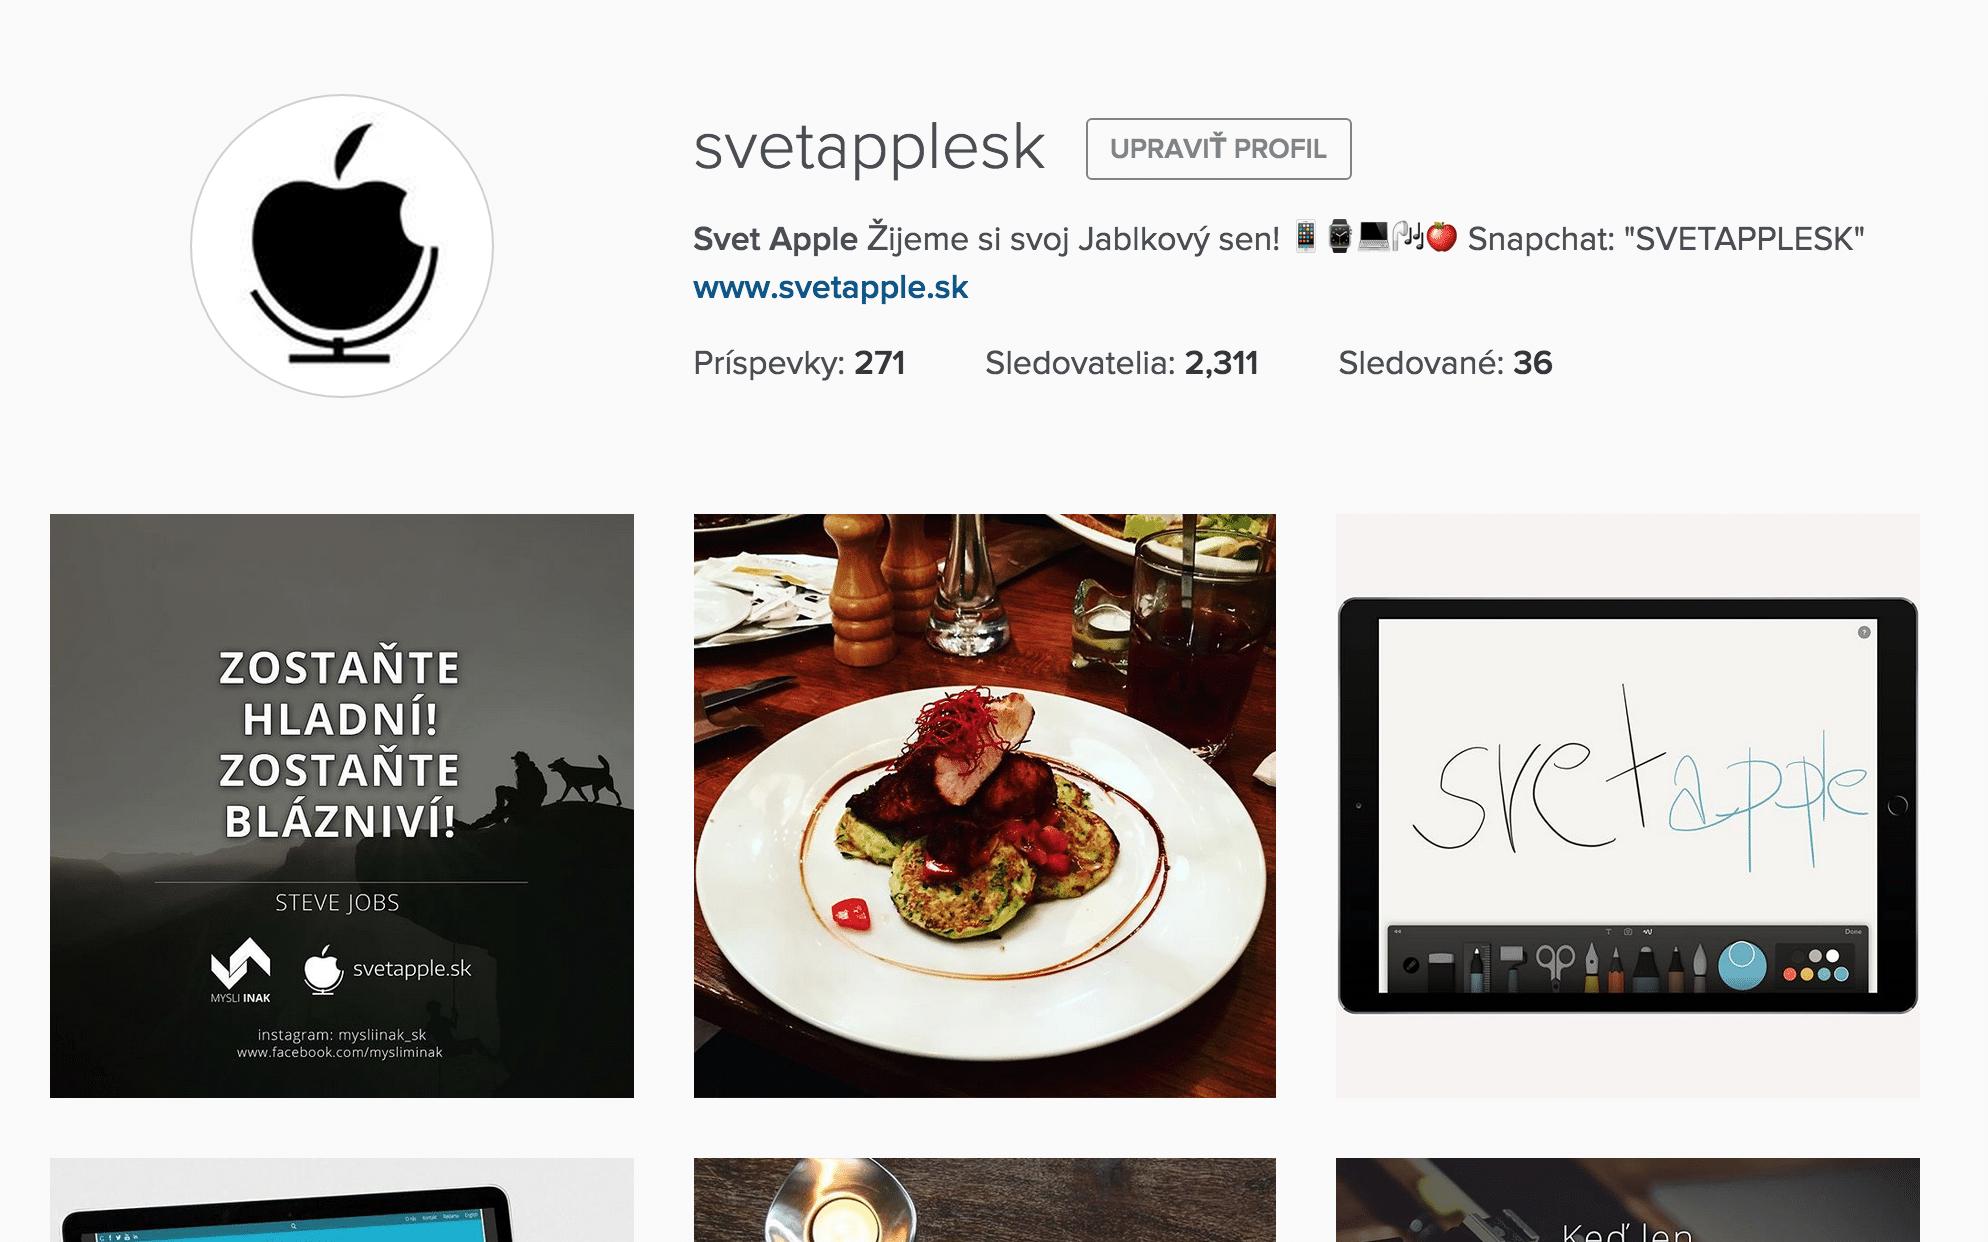 svetapple.sk na instagrame!